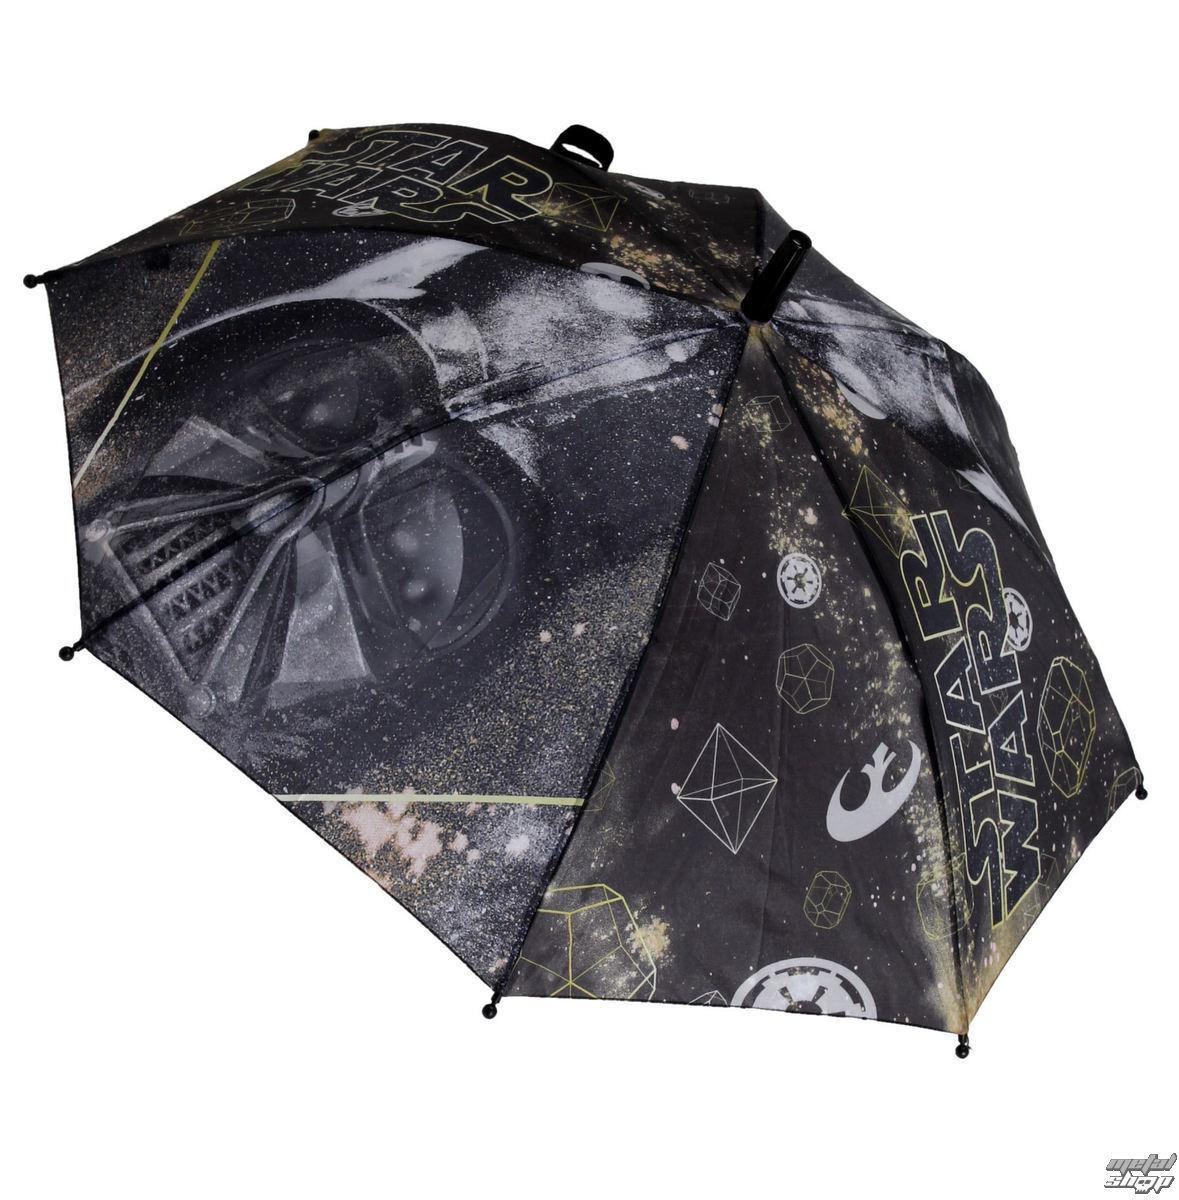 deštník Star Wars - Darth Vader - HEO-008 - CRD2400000220